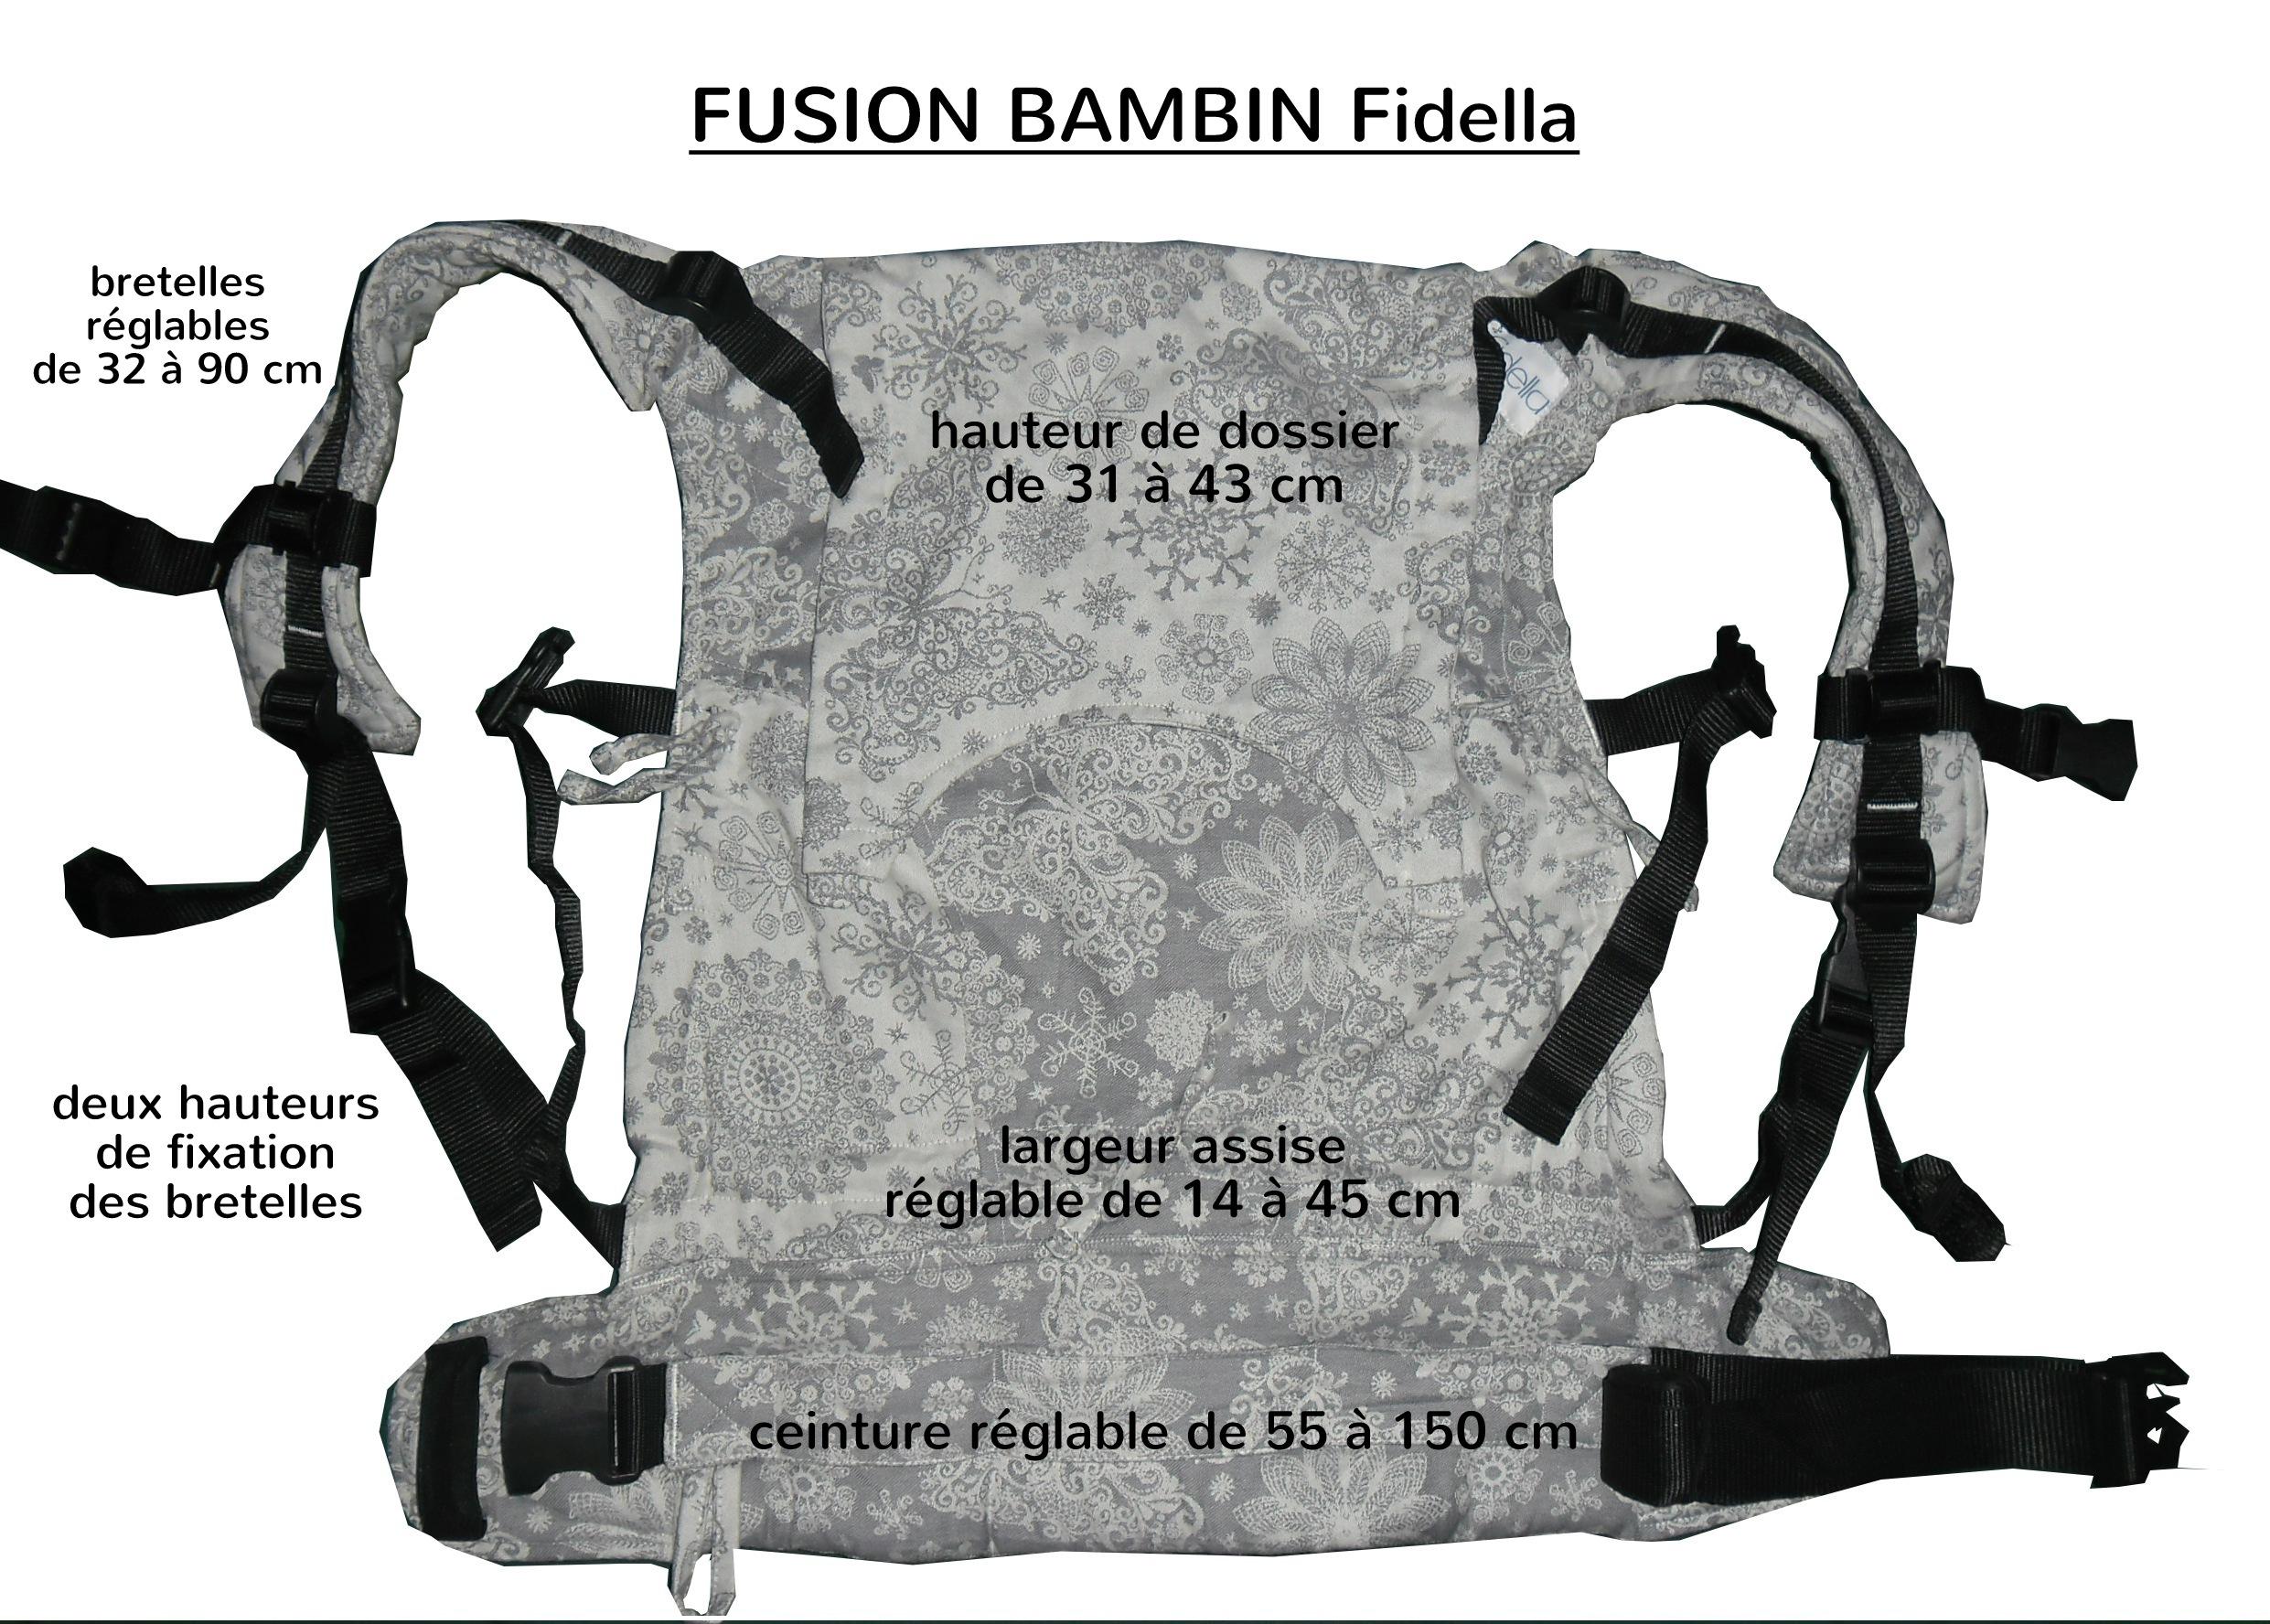 Fusion bambin Fidella dimensions